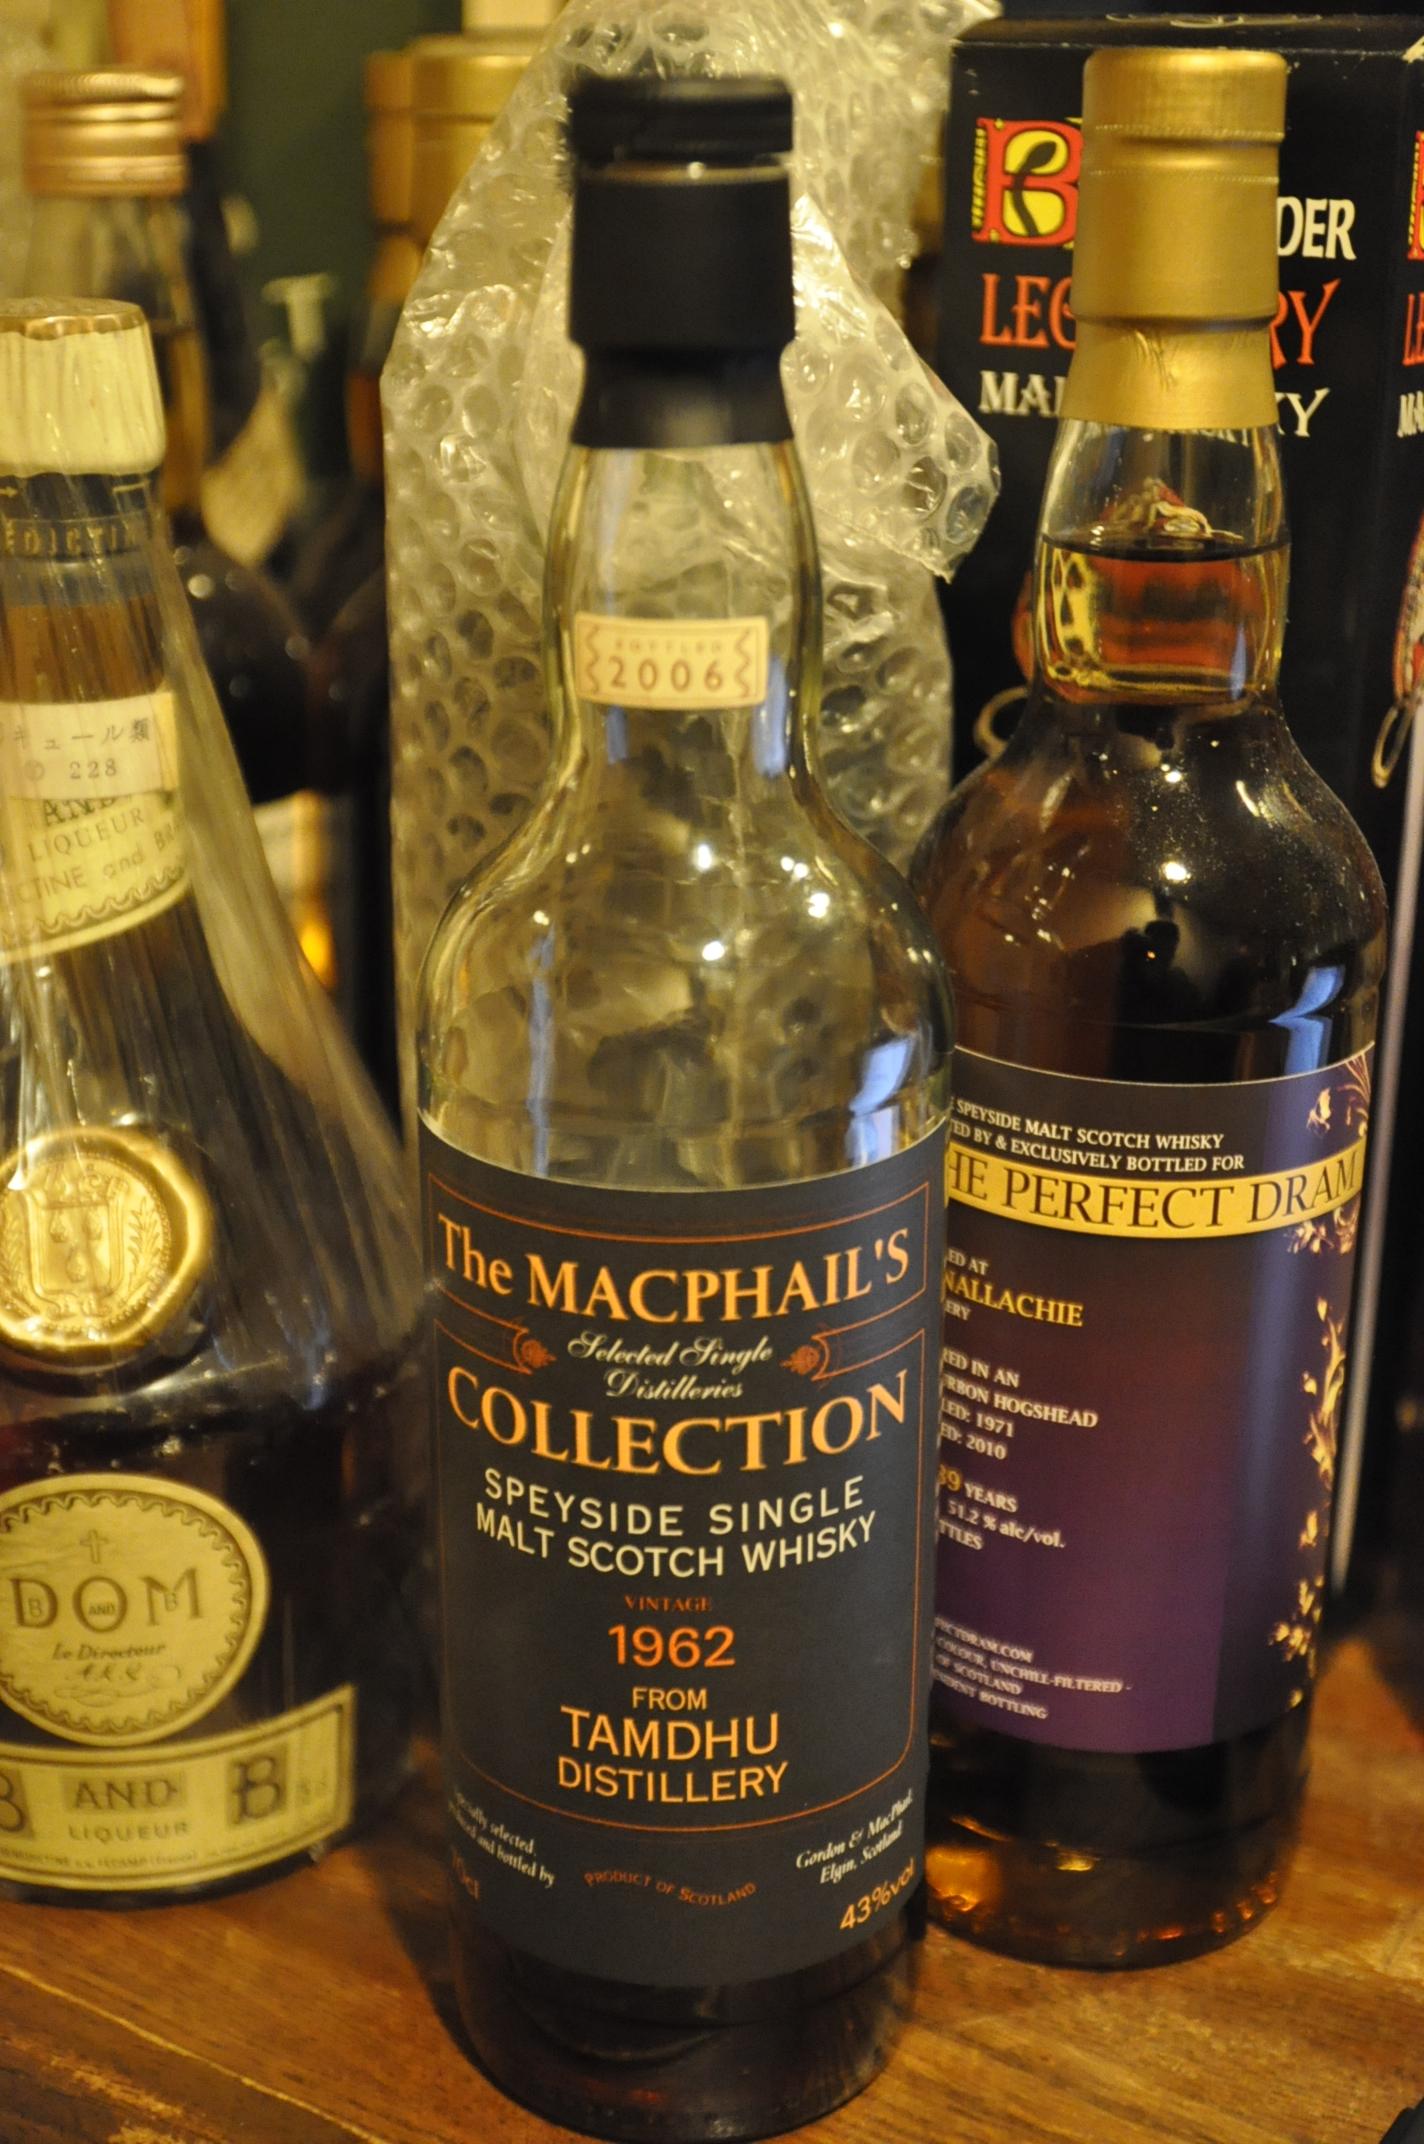 タムデュー Tamdhu 1962/2006 (43%, The MacPhail's Selected Single Distillery's Collection)